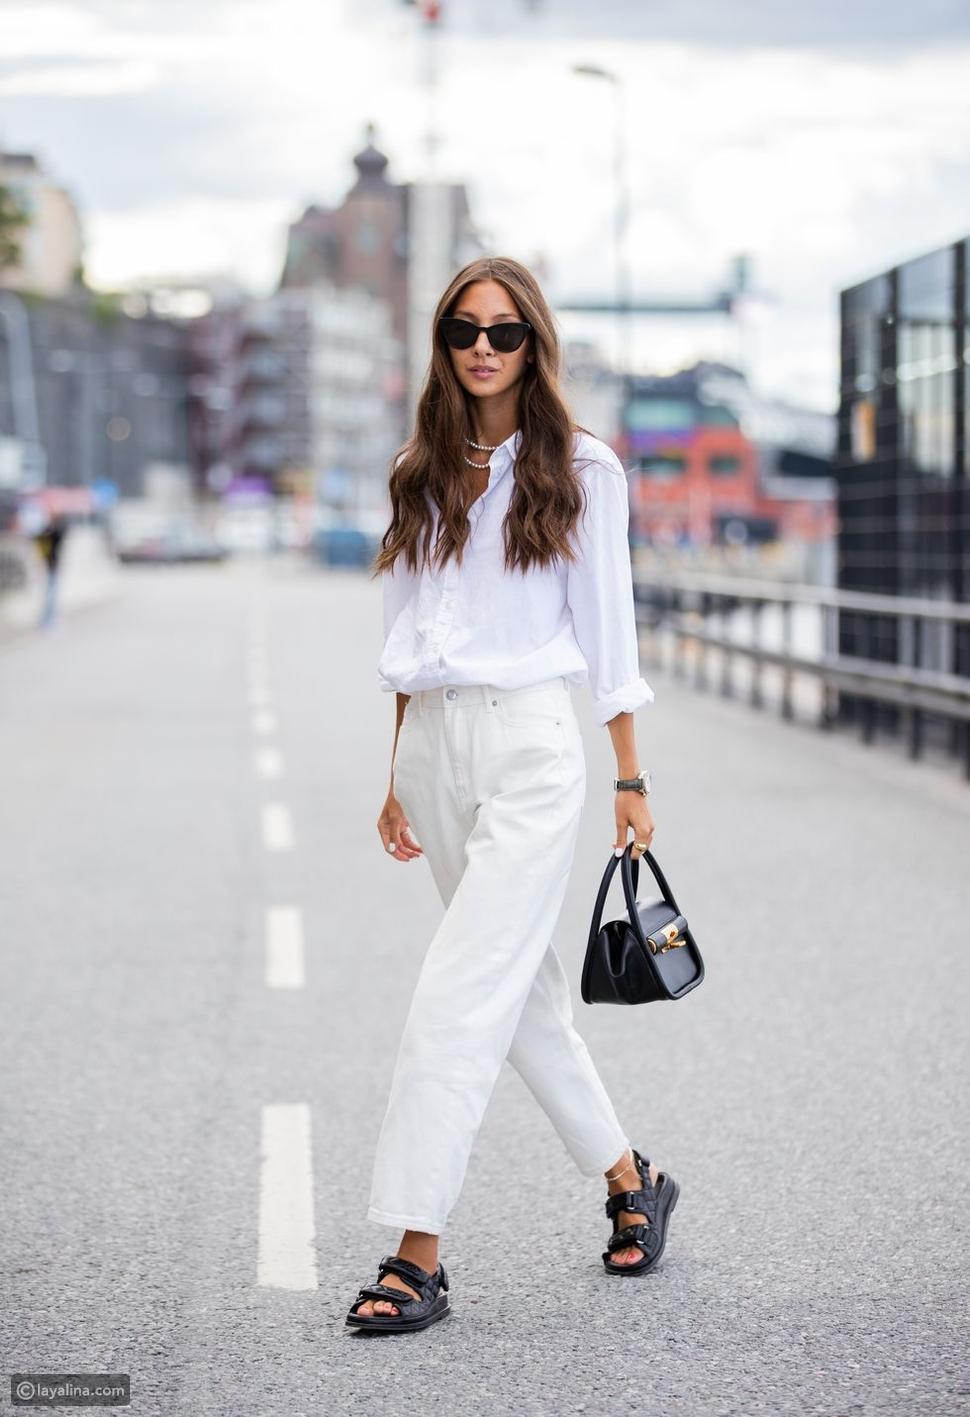 ملابس أساسية لإطلالة مريحة مناسبة للعمل